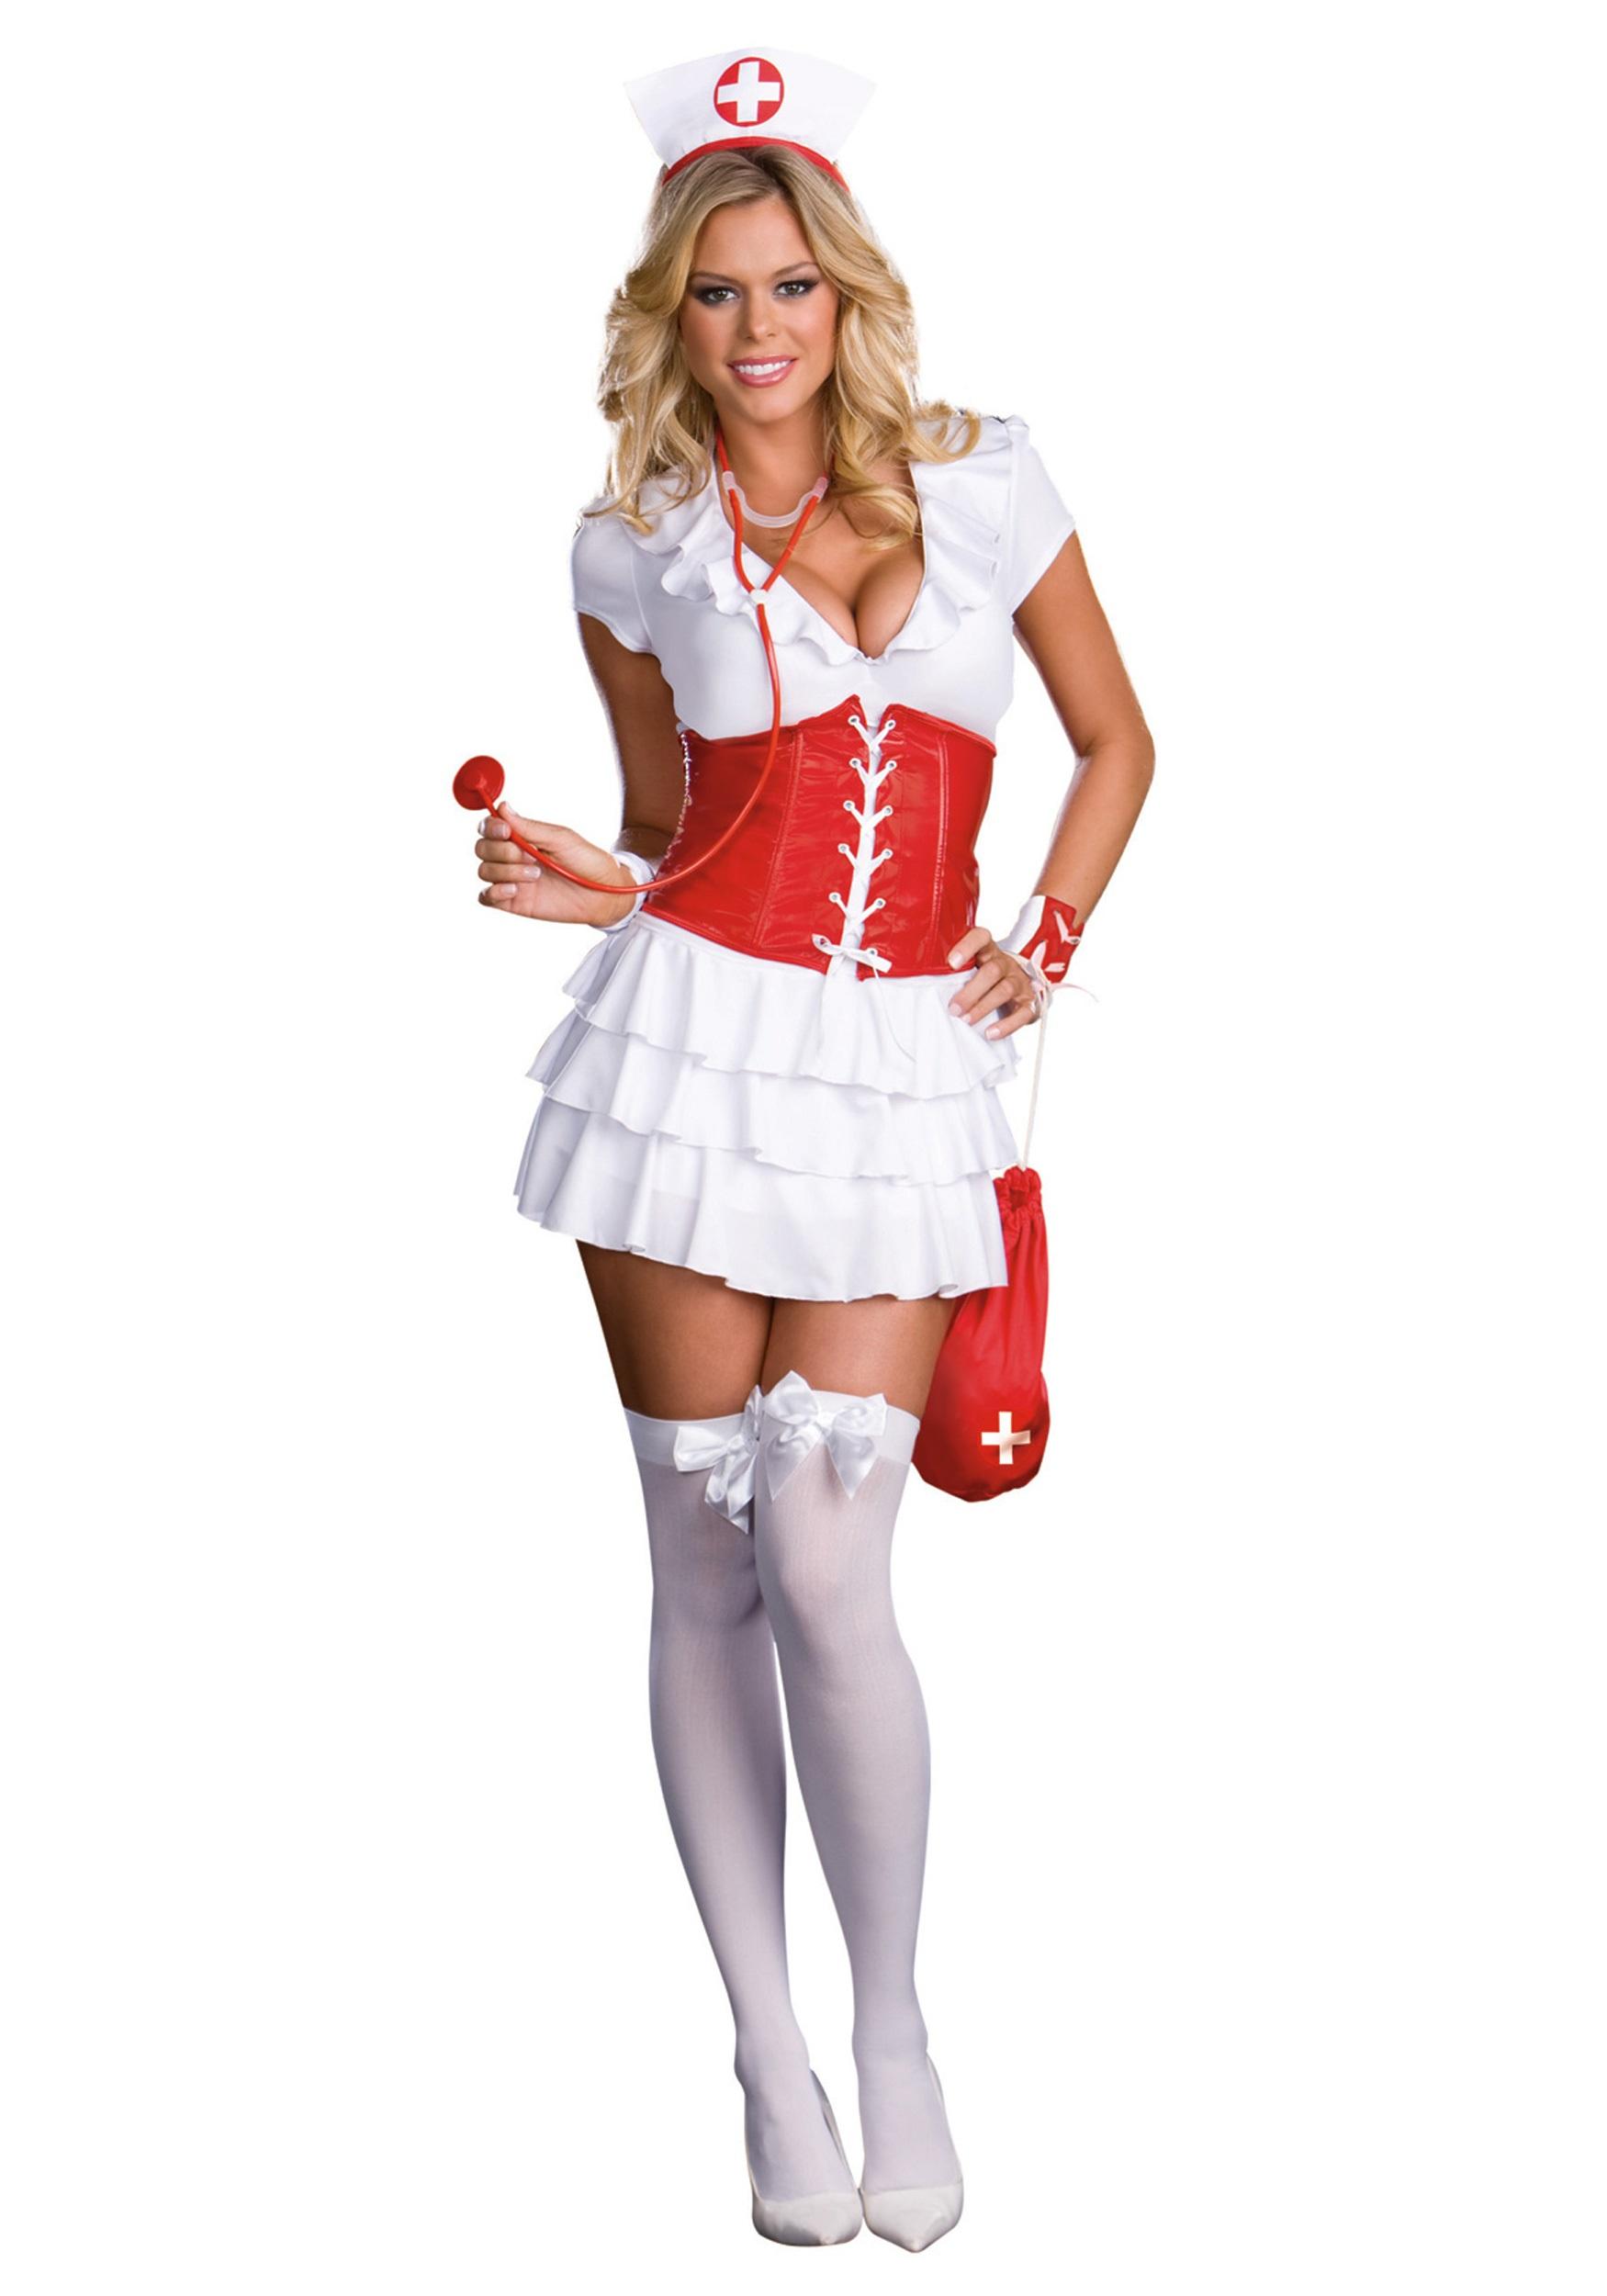 Частное фото в костюме медсестры 9 фотография